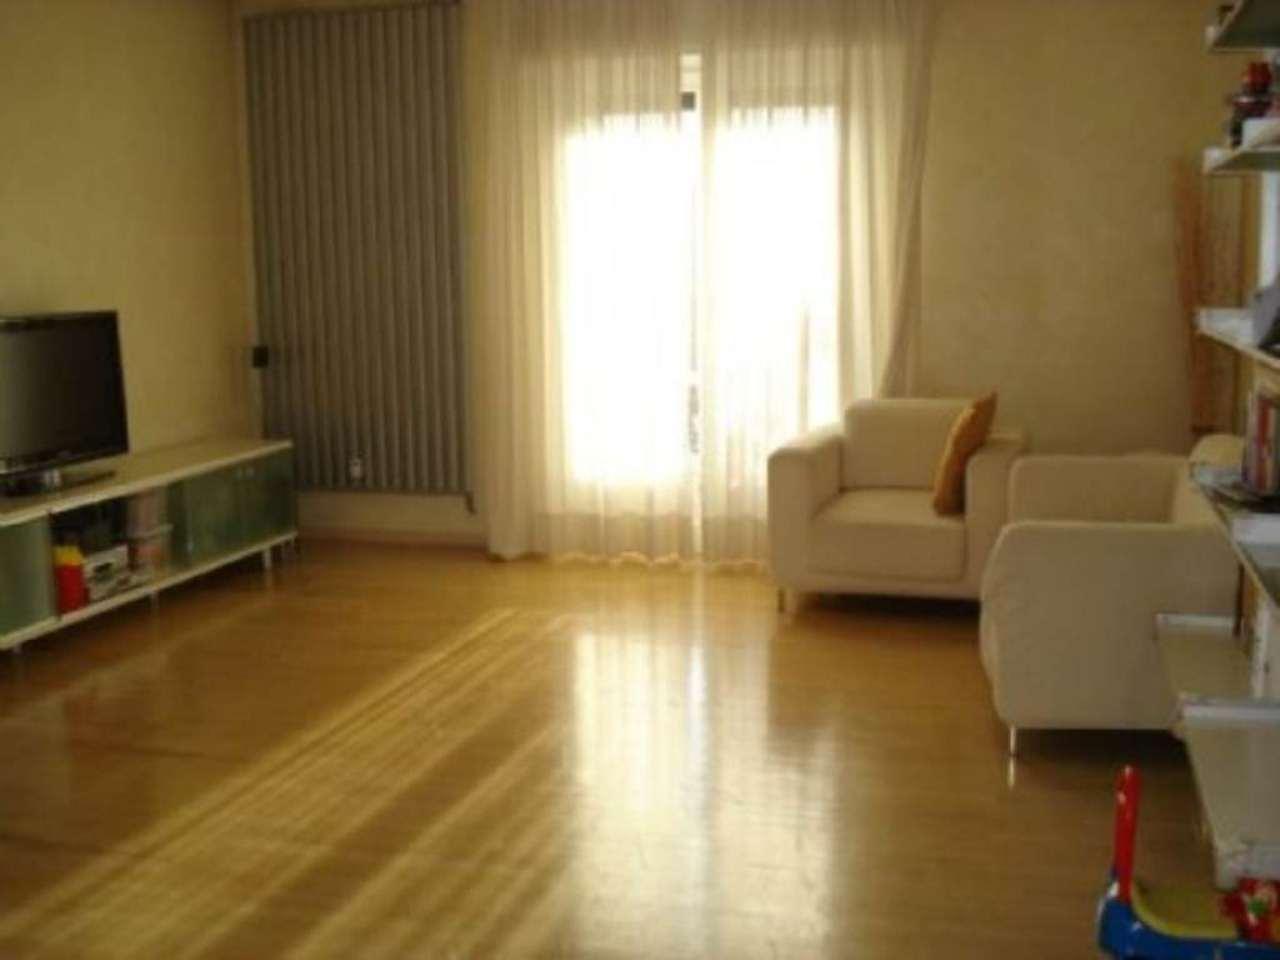 Appartamento di lusso in vendita a milano via belfiore for 2 piani piano cabina storia